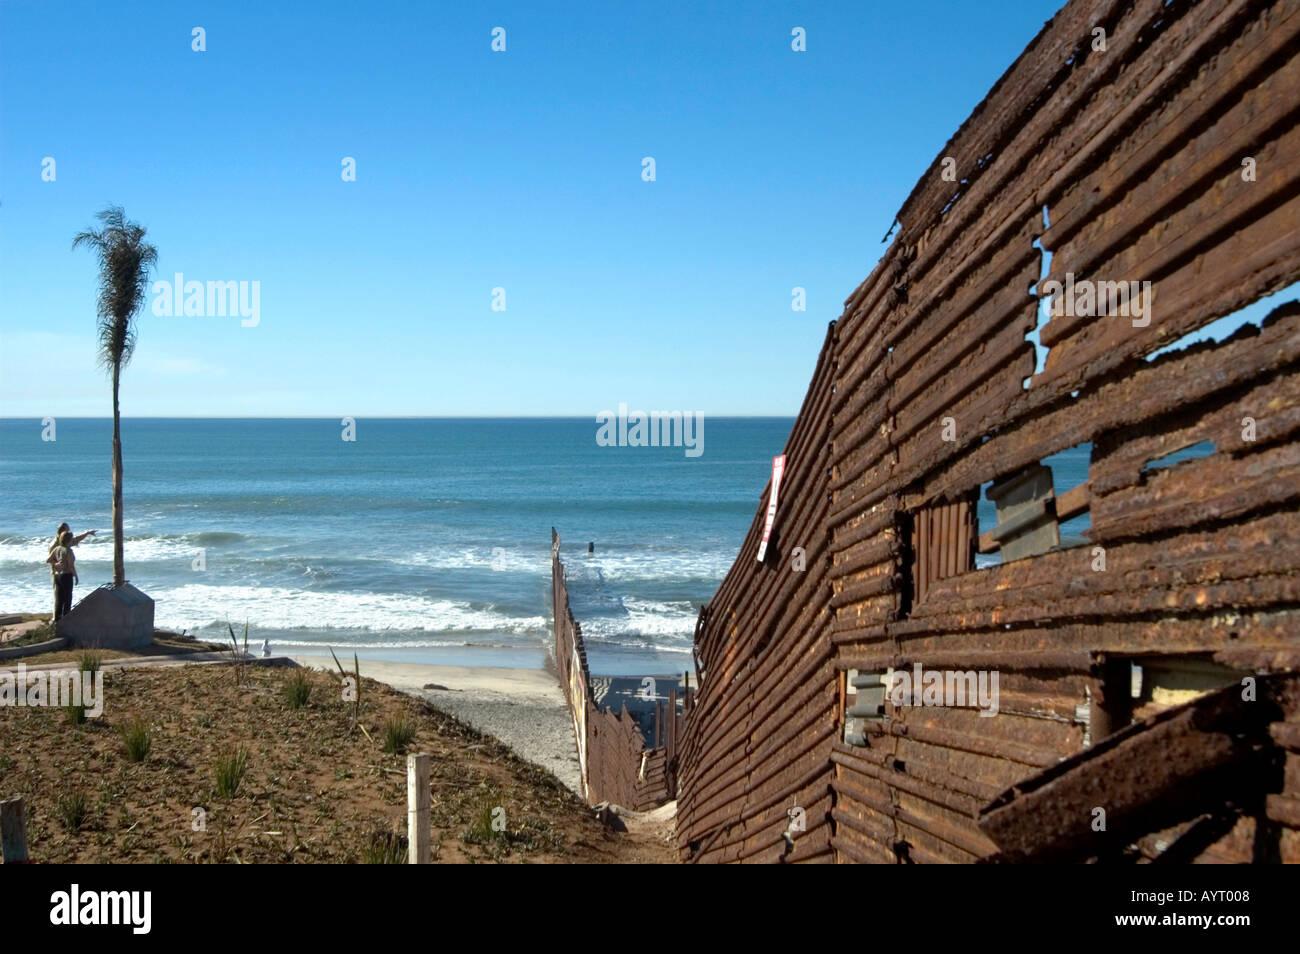 Usa Mexikanischen Grenze Zaun Lauft In Den Pazifik Tijuana In Mexiko